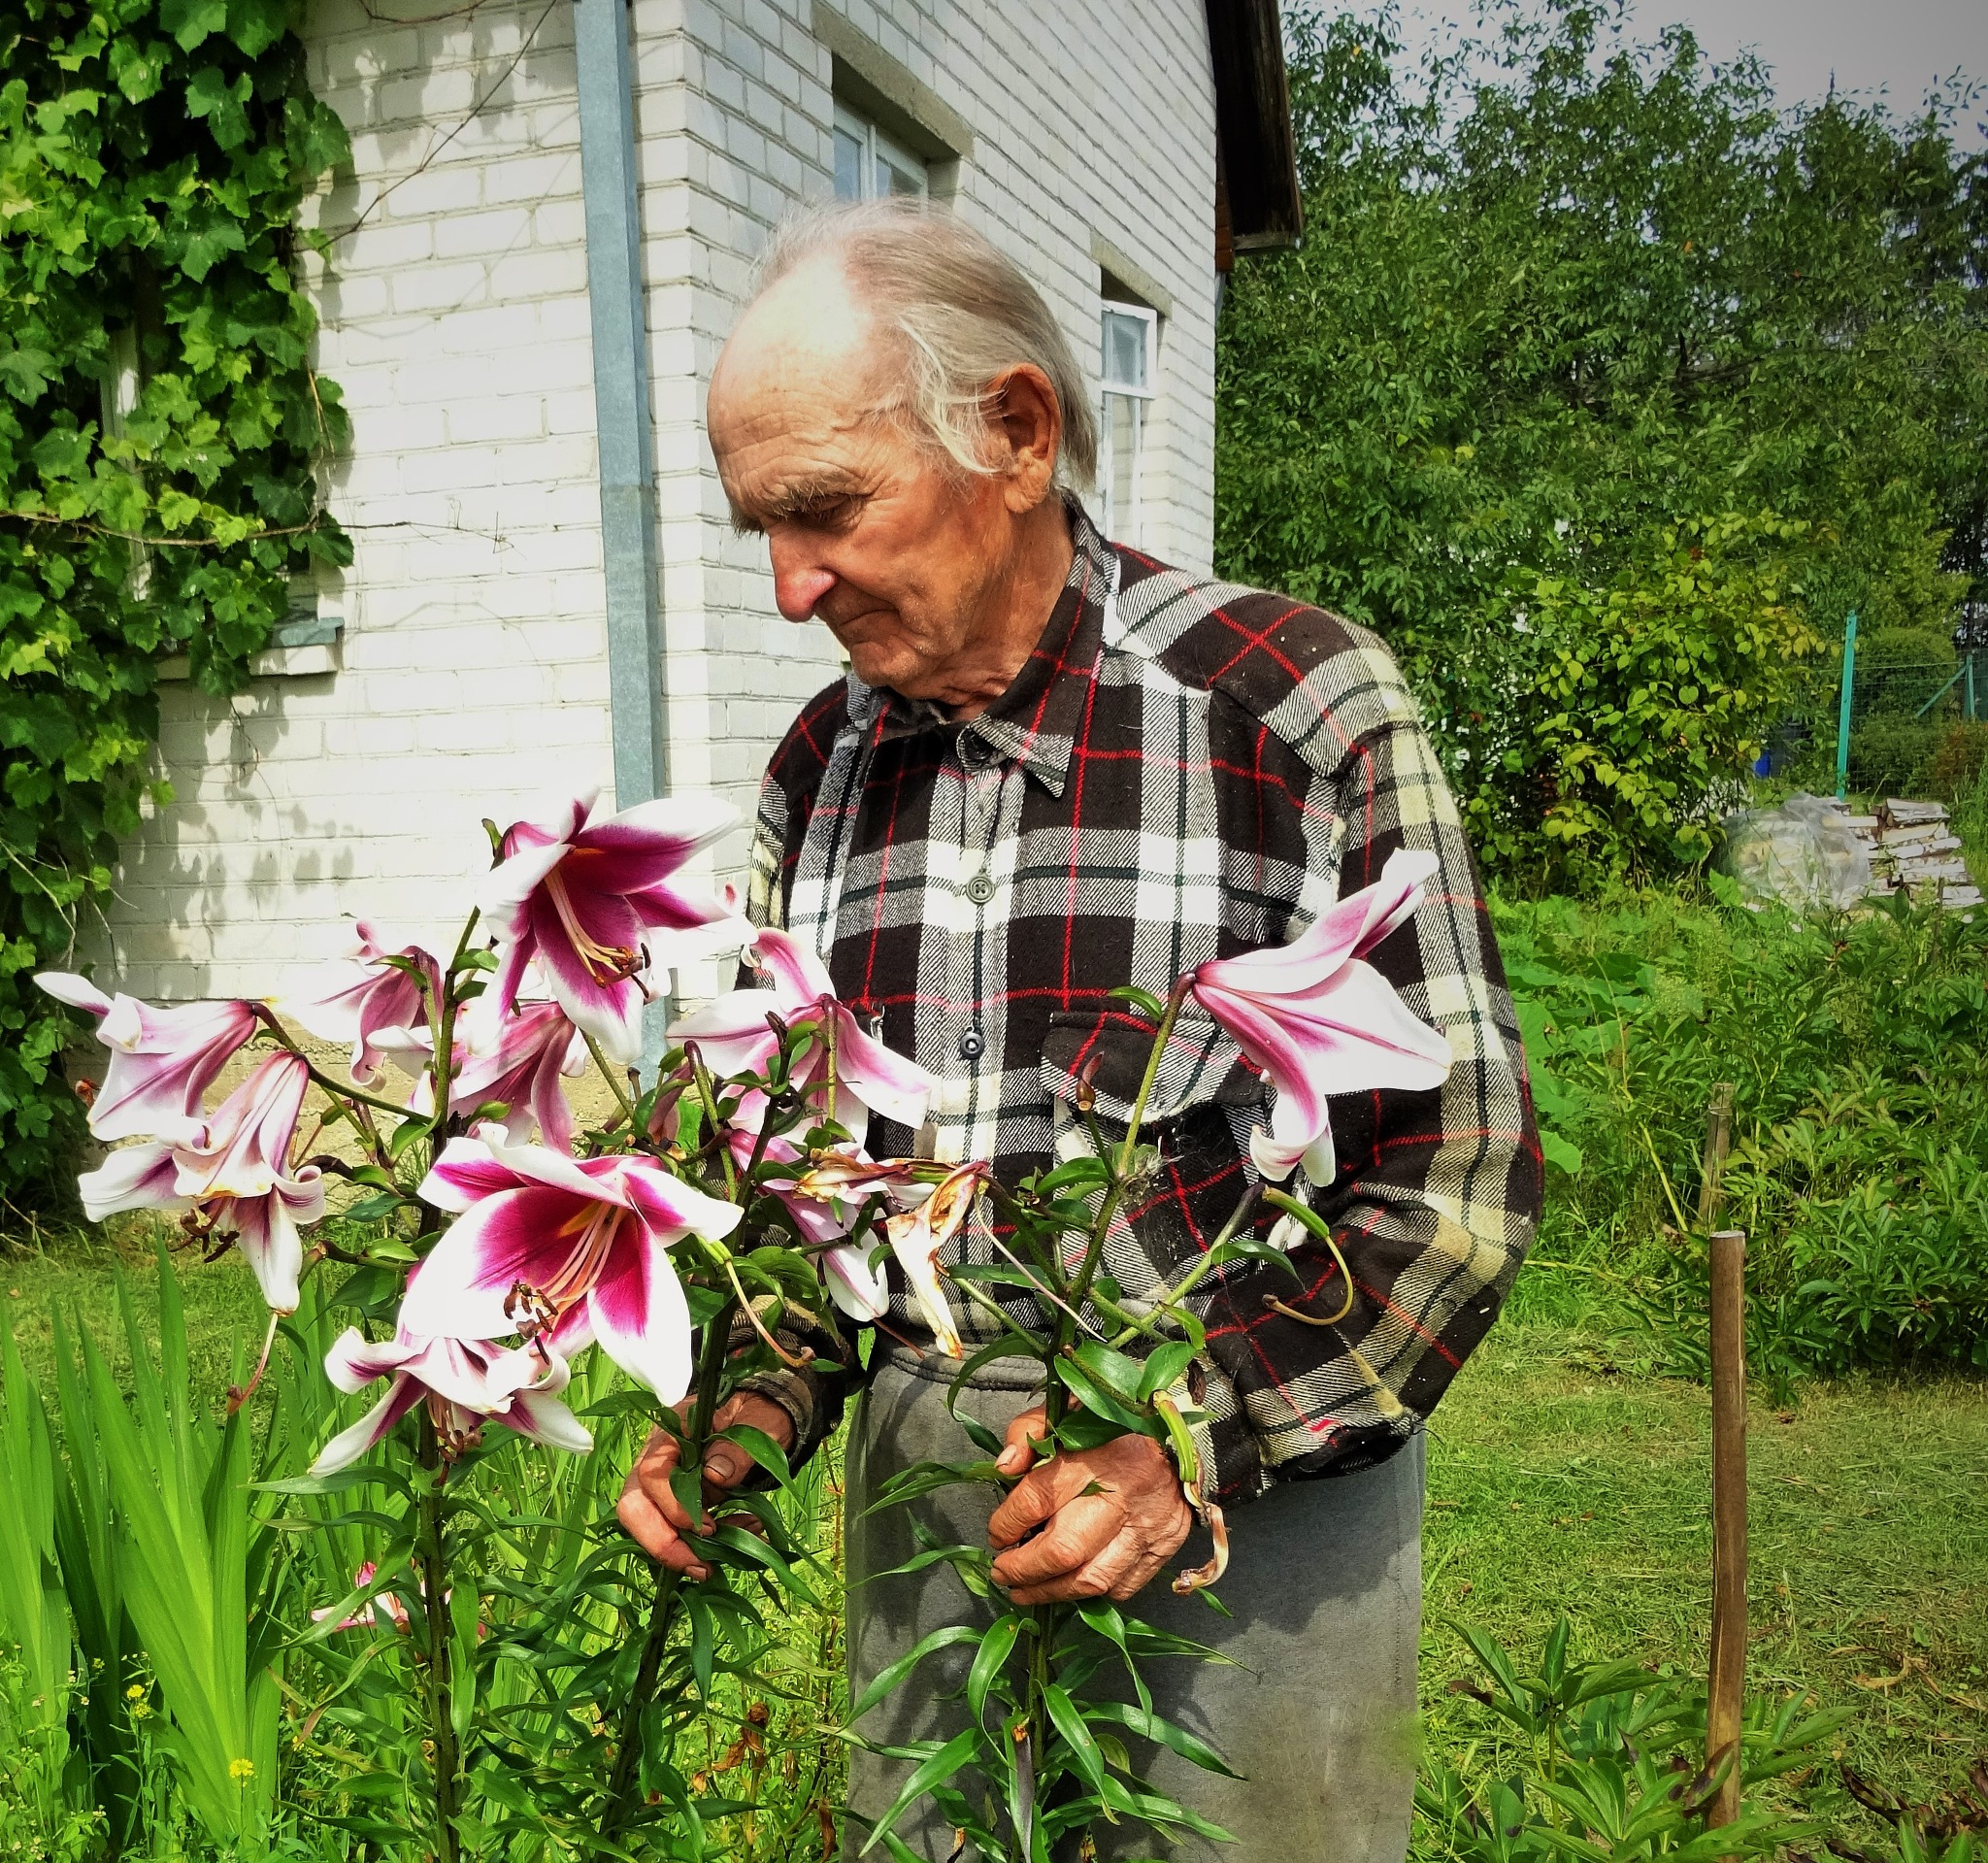 An old gardener. by vita.tucaite